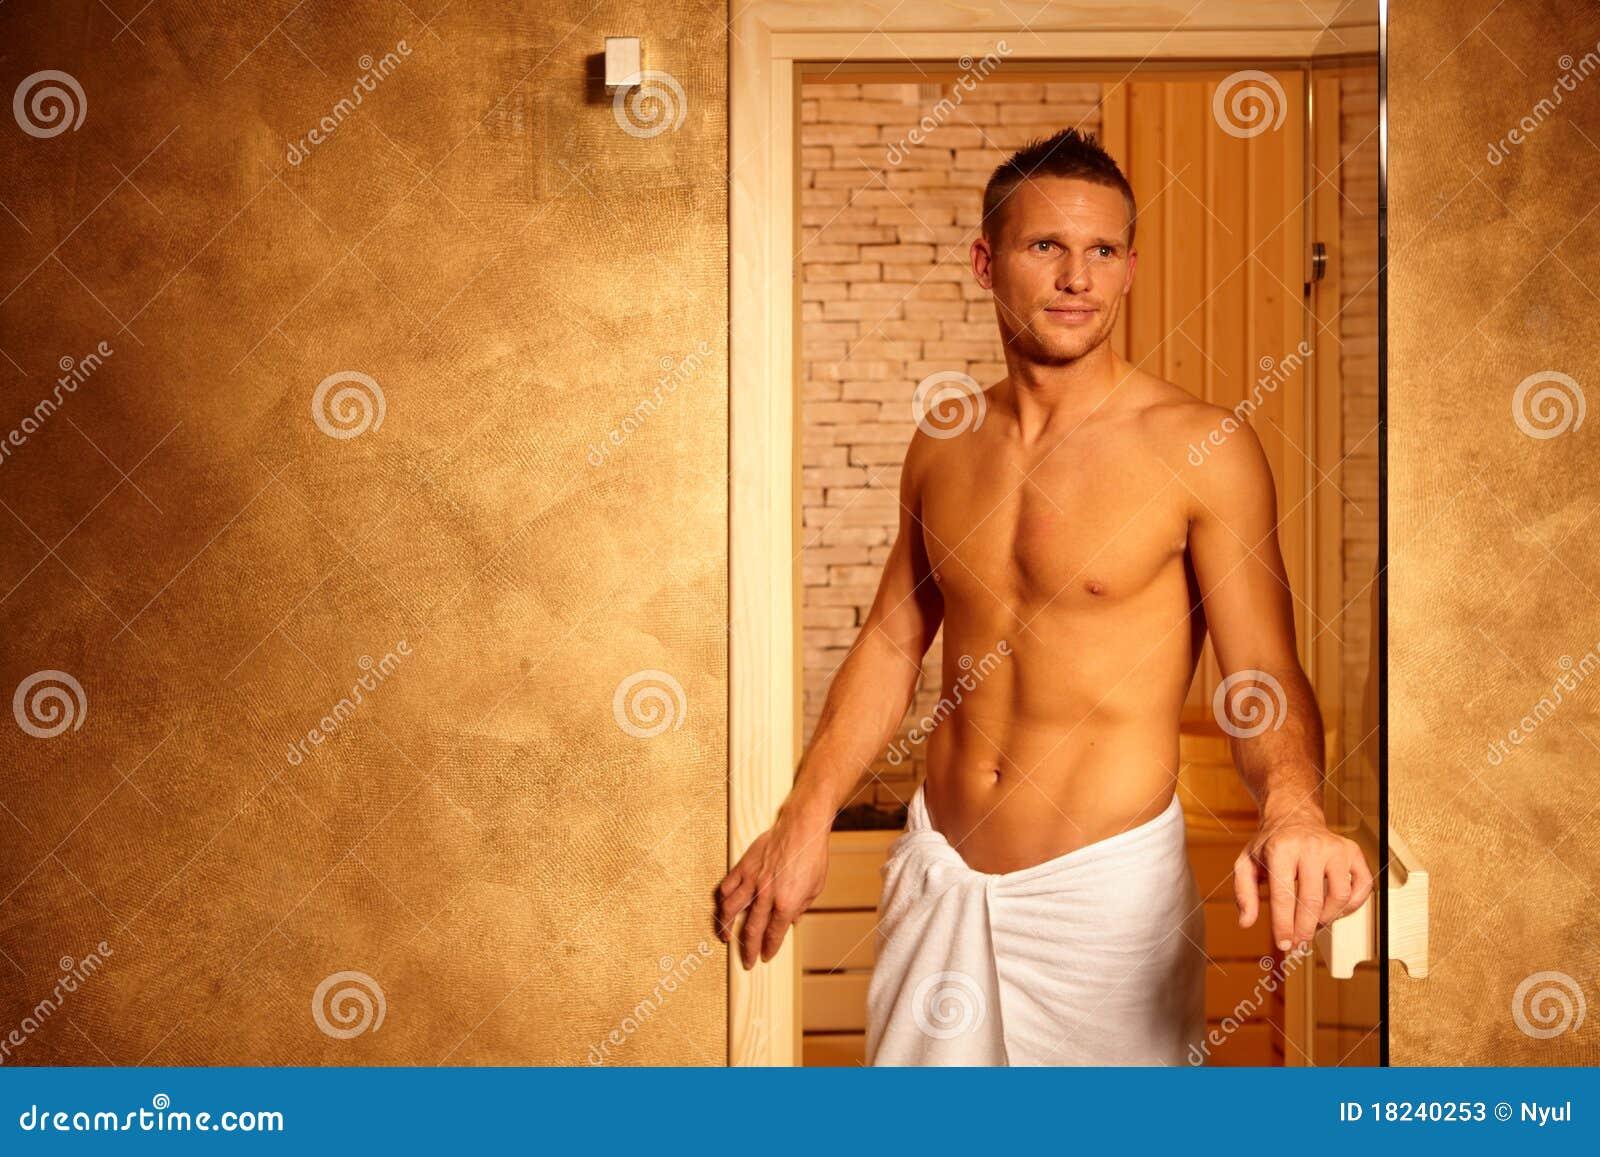 happy man after sauna stock image image of care image 18240253. Black Bedroom Furniture Sets. Home Design Ideas